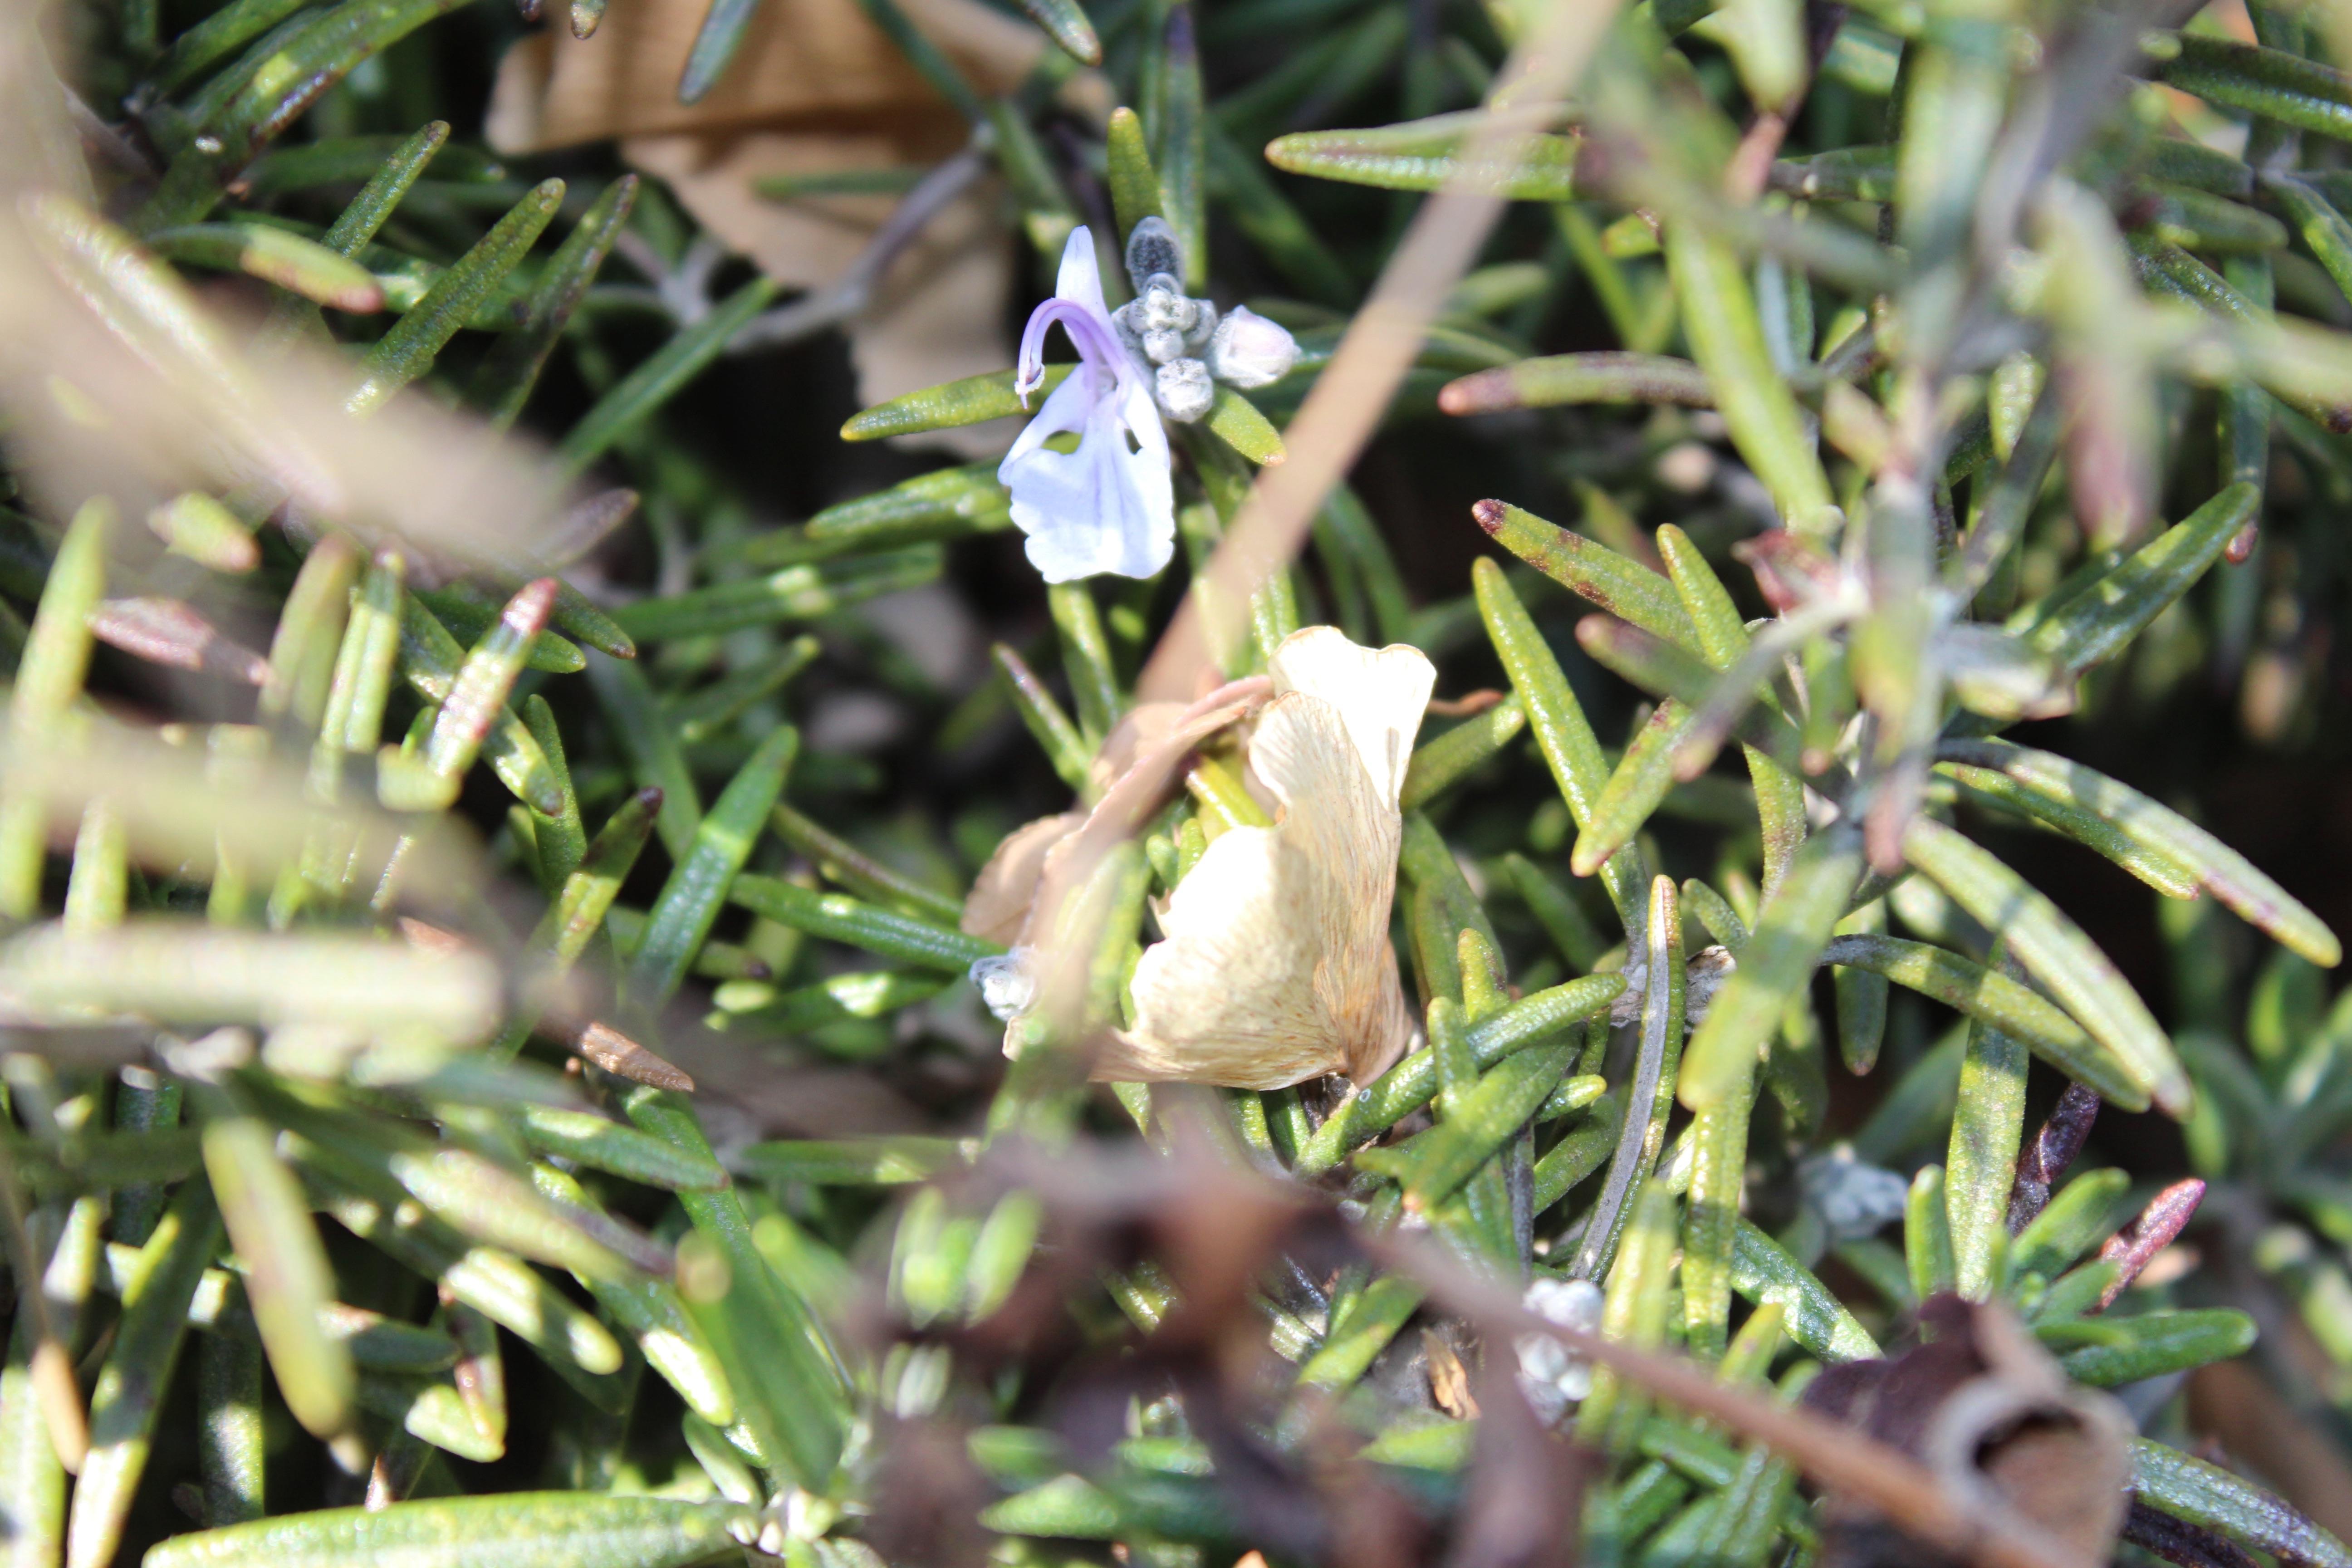 しばらく見かけなかった、ローズマリーの花が咲いていました。